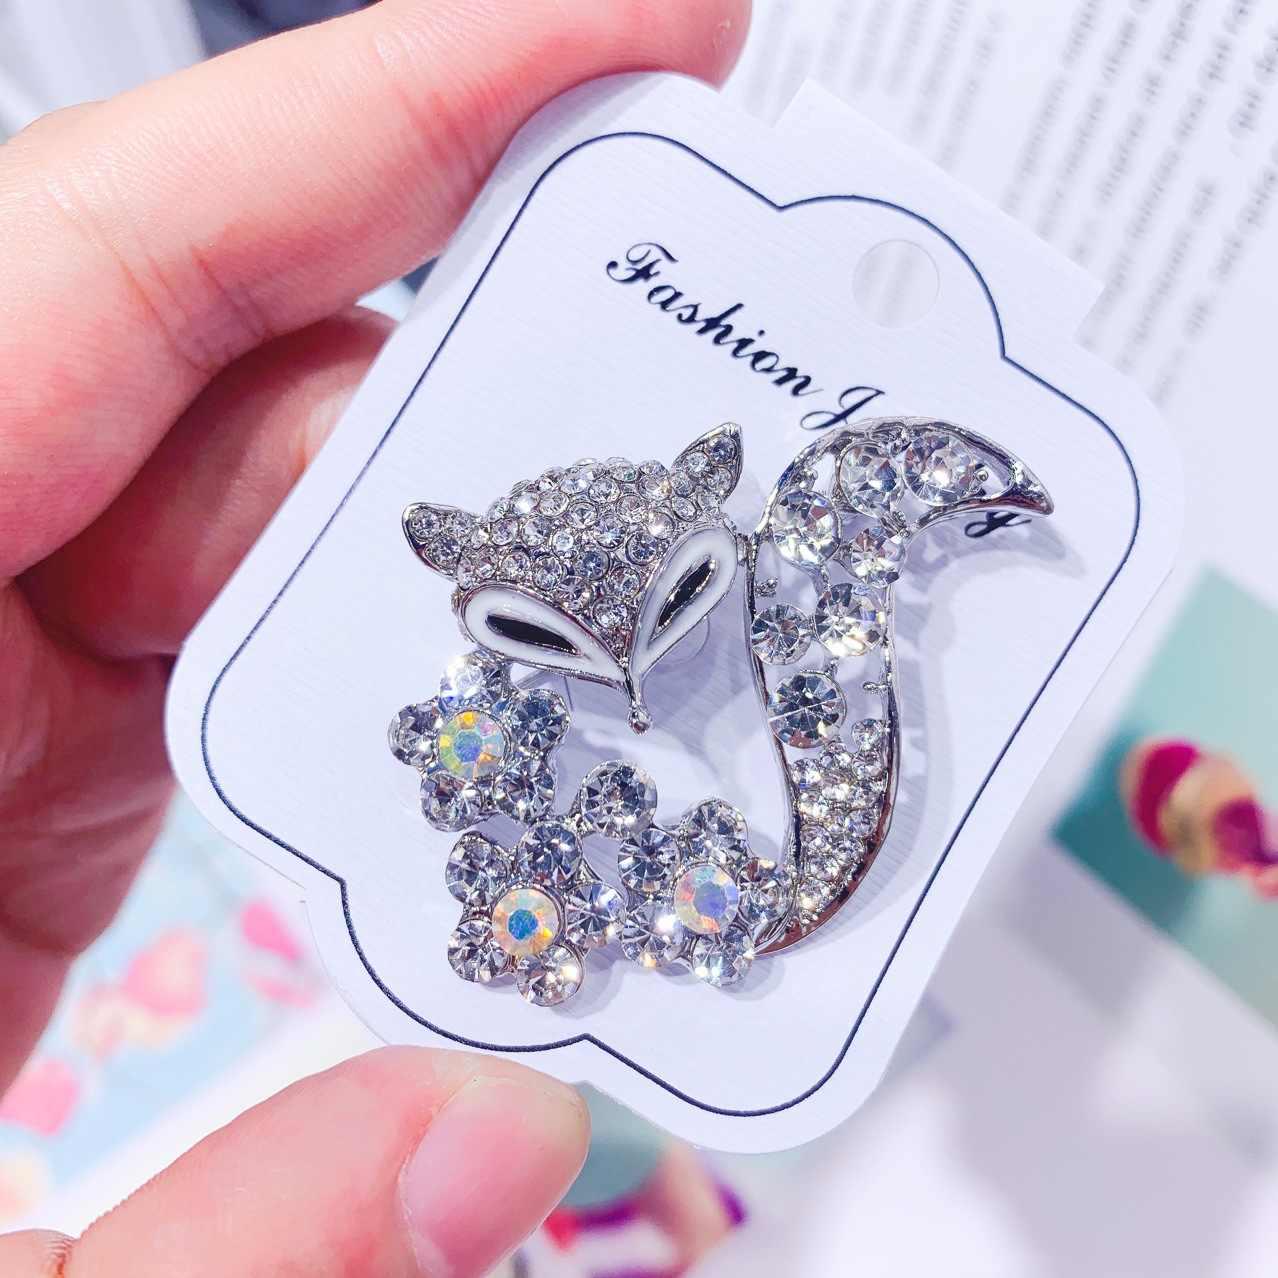 Koreaanse Versie Zirkoon Fox Animal Broche Pin Voor Vrouw Mode Trui Jas Hoed Sjaal Kleding Accessoires Luxe Banket Sieraden